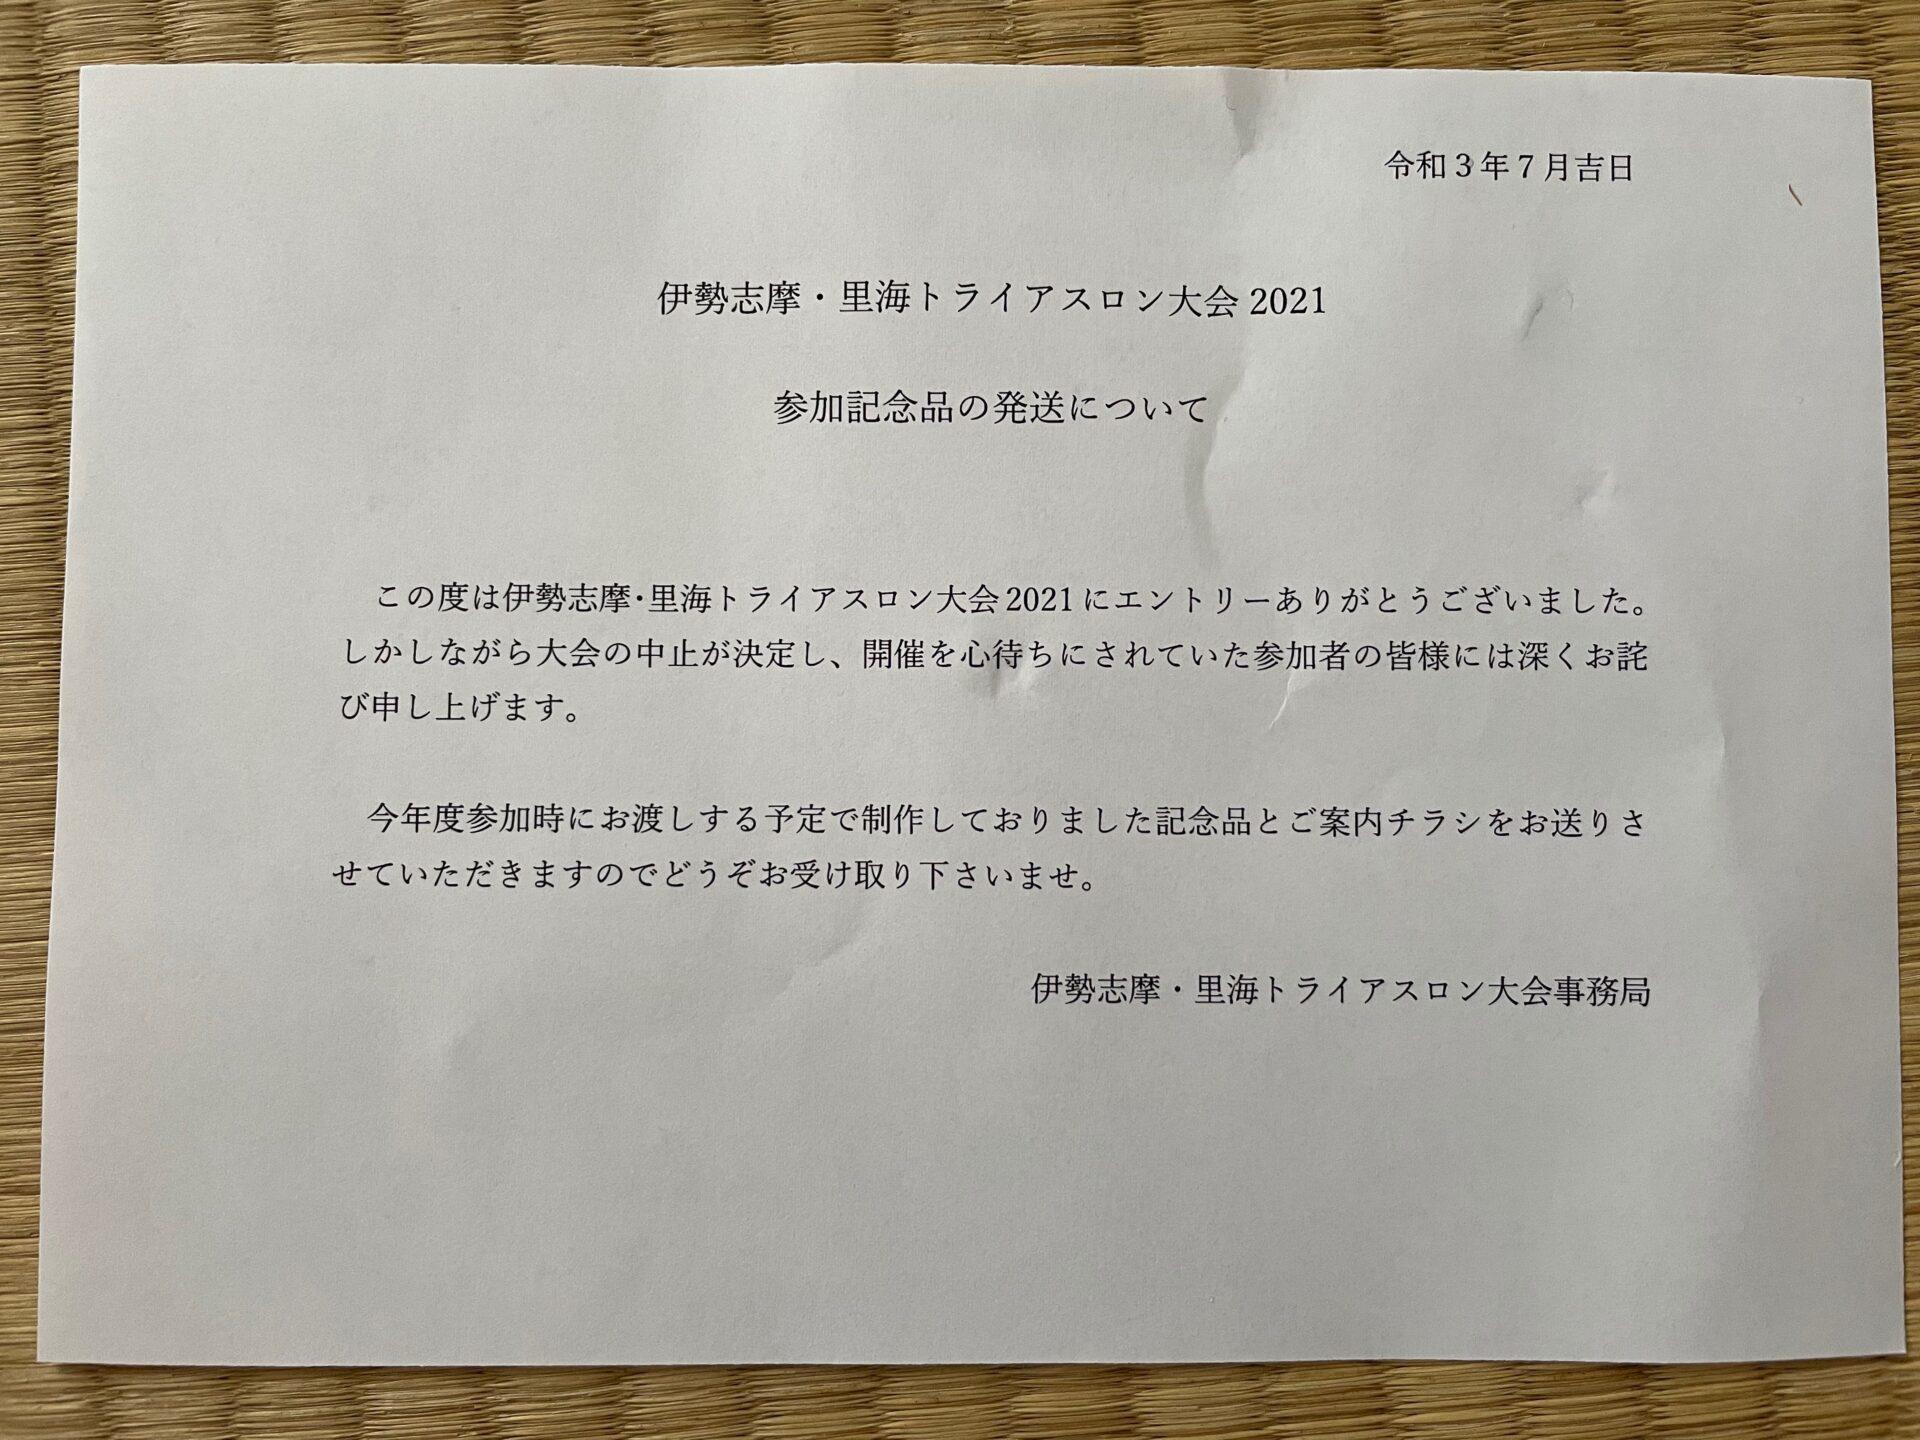 伊勢志摩トライアスロン 参加記念品 案内